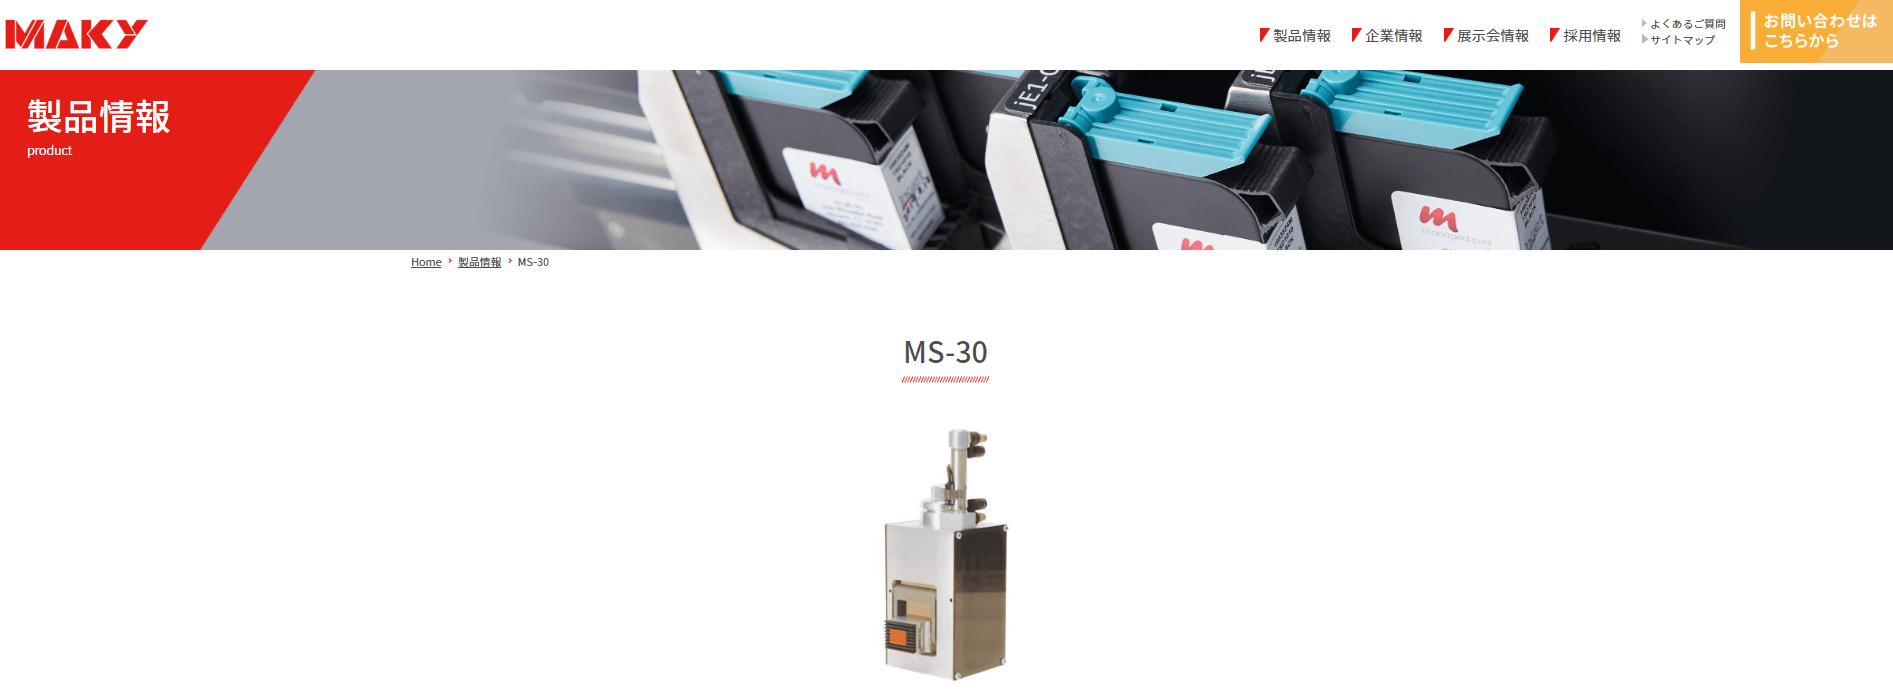 小型捺印機 MS-30